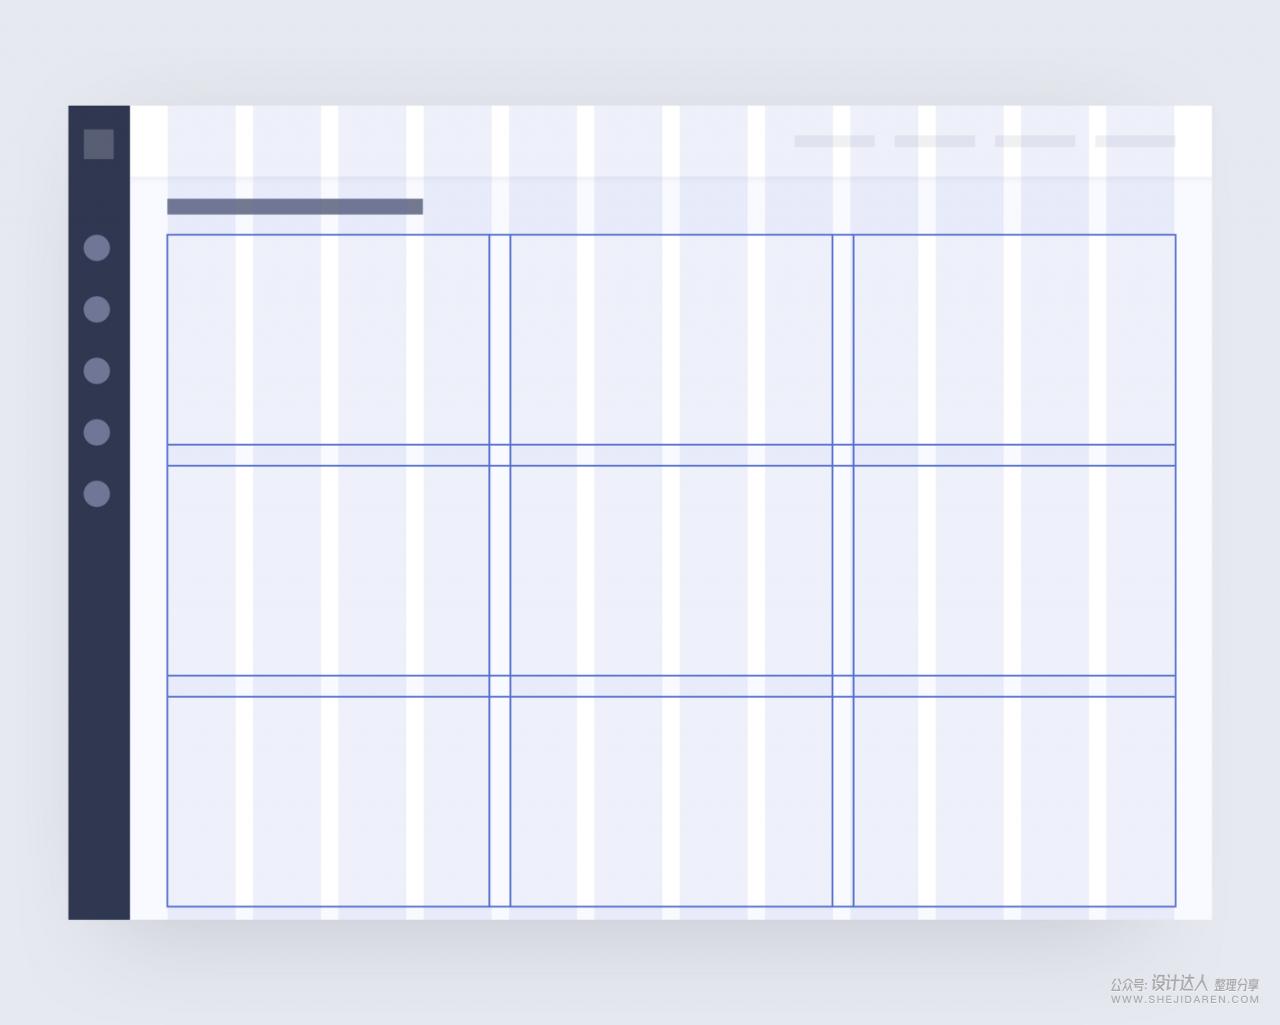 7个有用的后台管理界面设计指南